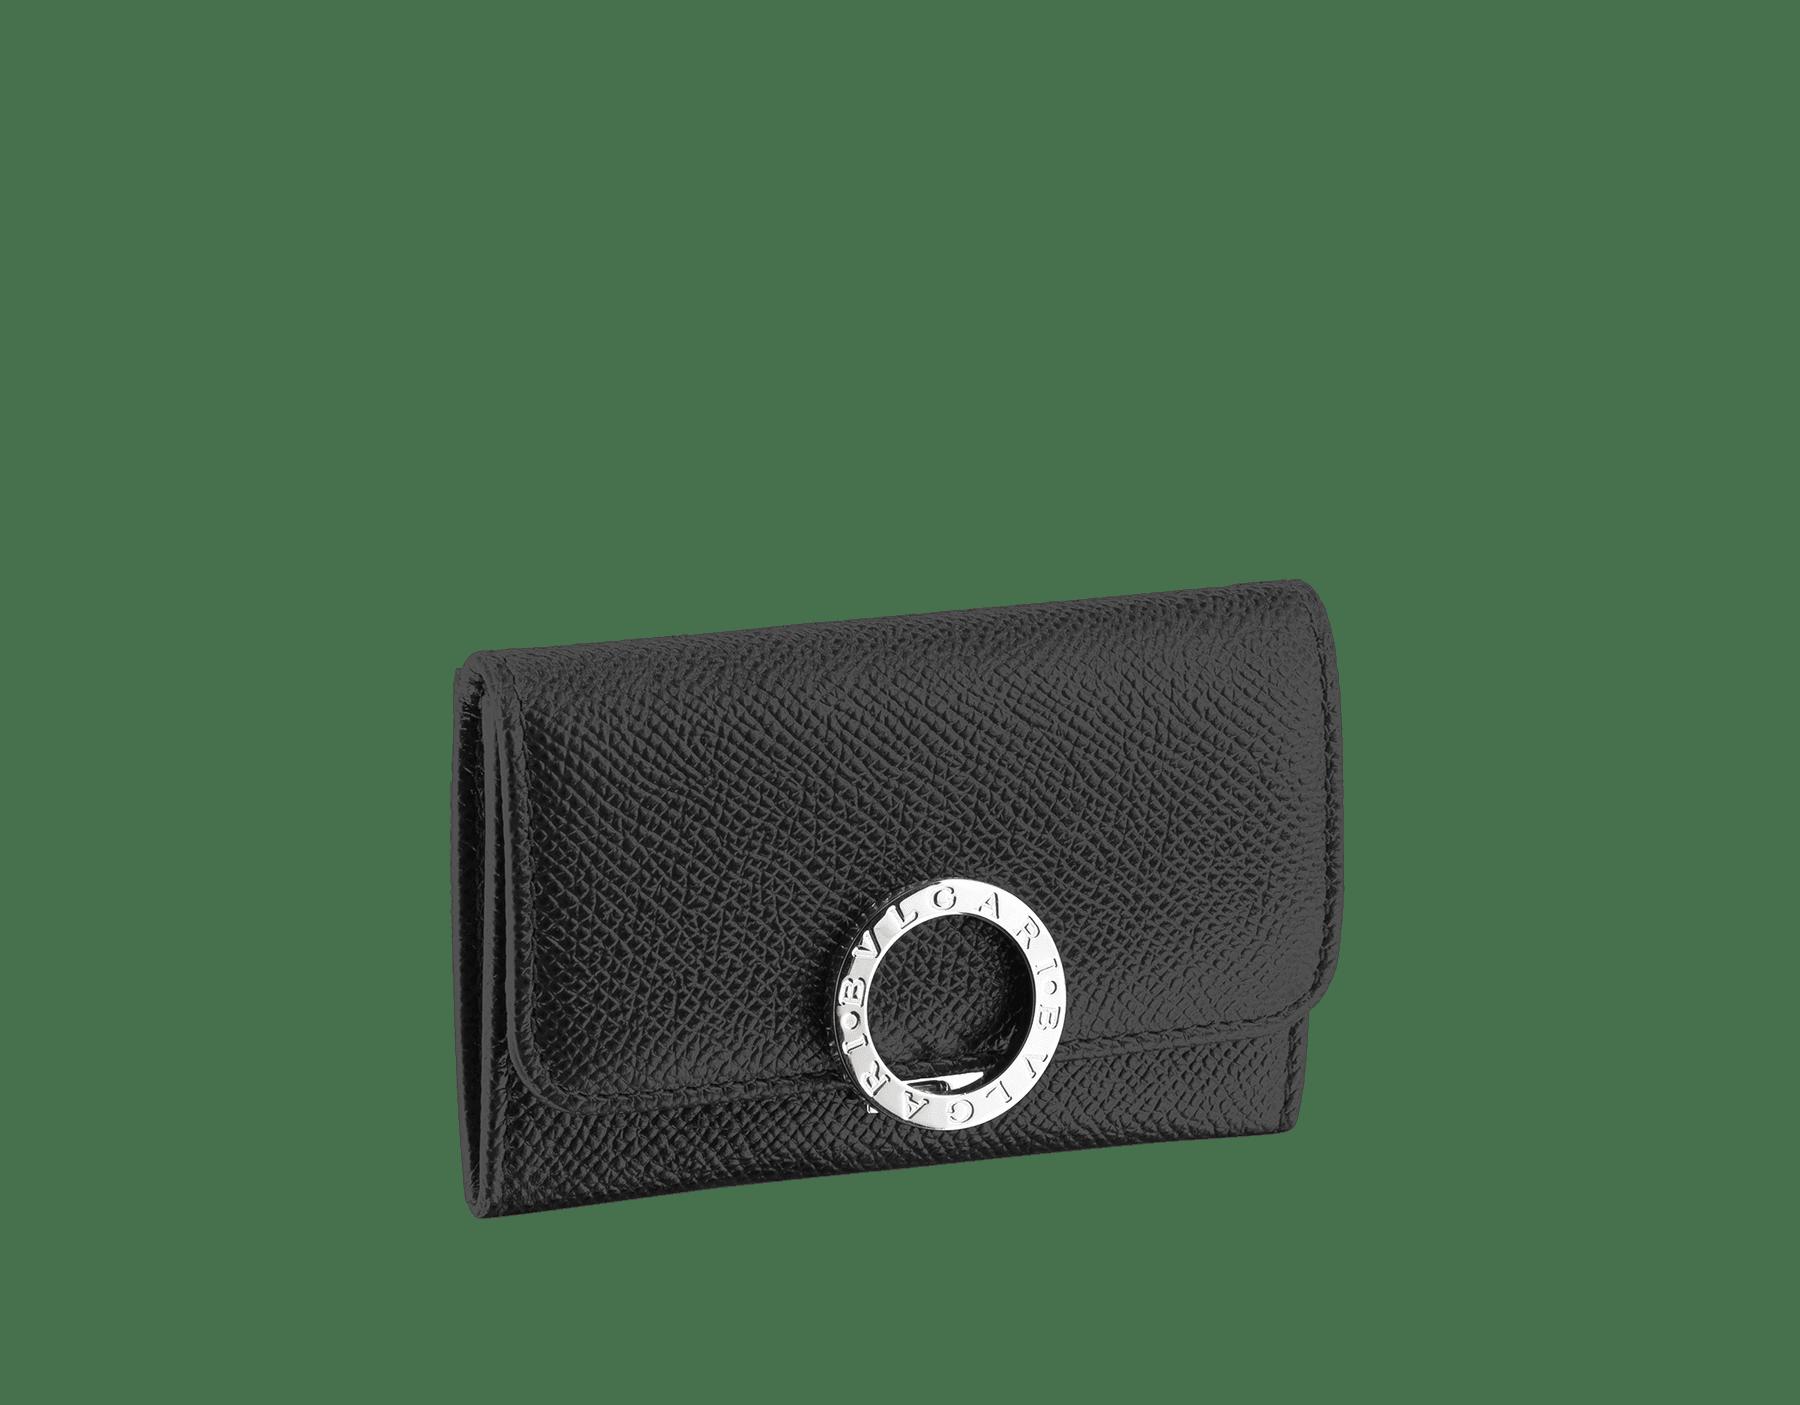 ブラックのグレインカーフレザー製レクタンギュラーシェイプスモールウォレット。ブラスパラジウムプレート金具。アイコニックな「ブルガリ・ブルガリ」クロージャークリップ。 282881 image 1